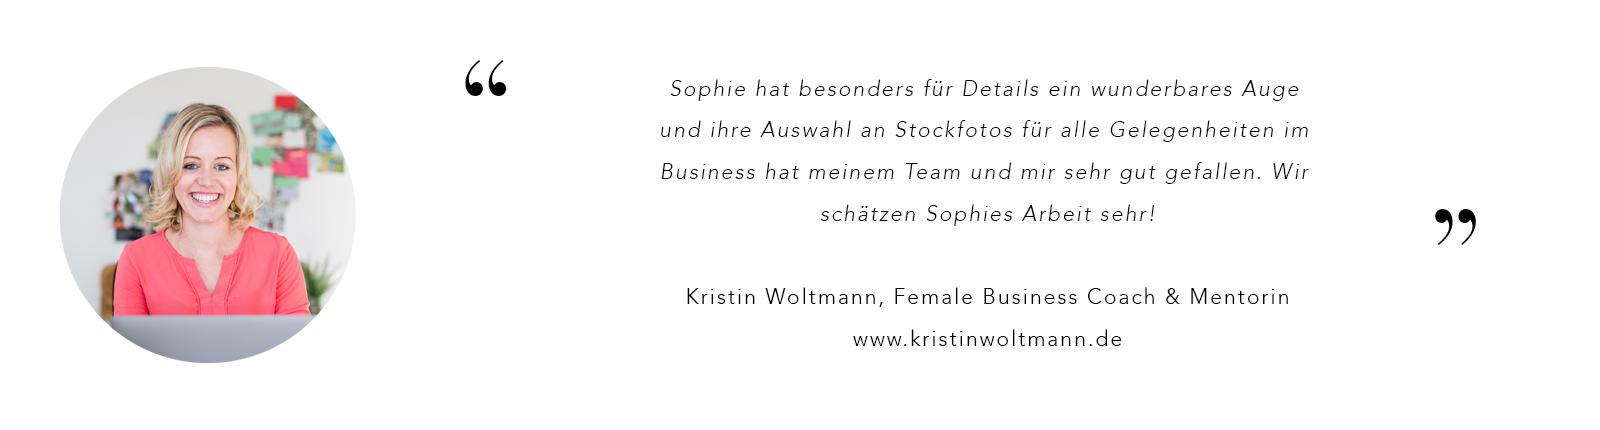 Testimonial_Kristin